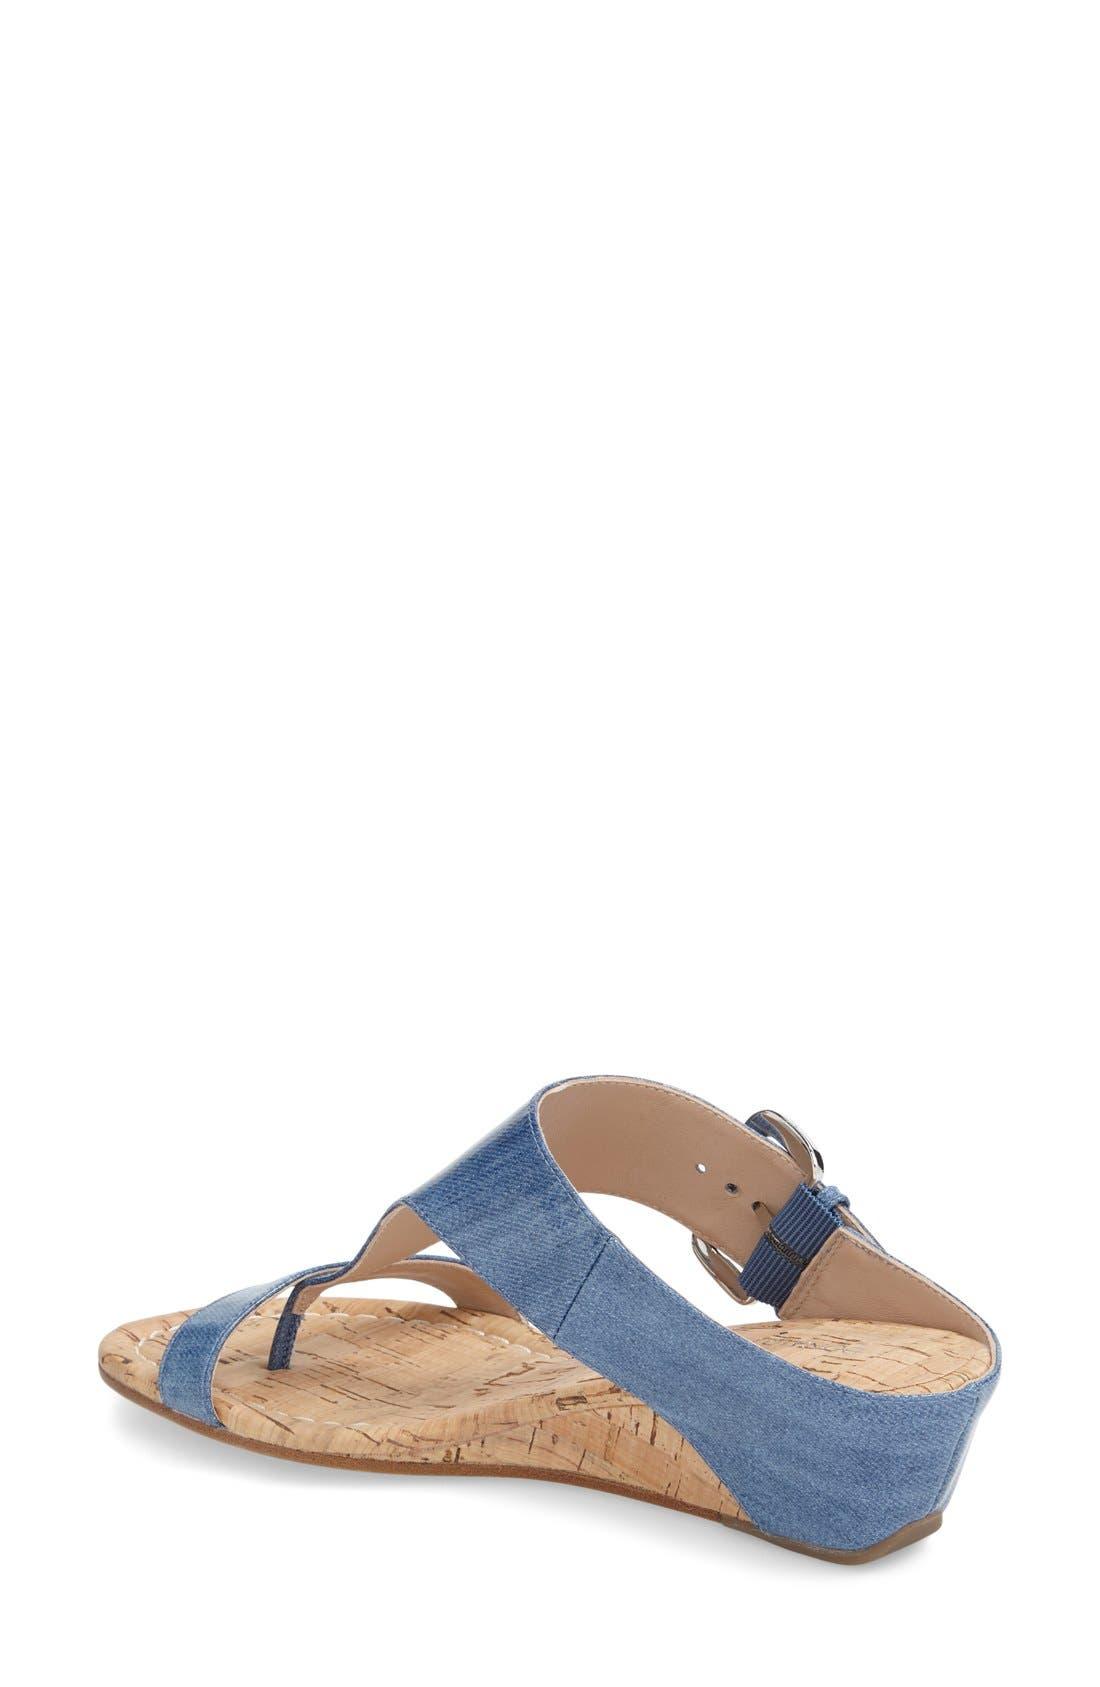 Donald J Pliner 'Doli' Sandal,                             Alternate thumbnail 13, color,